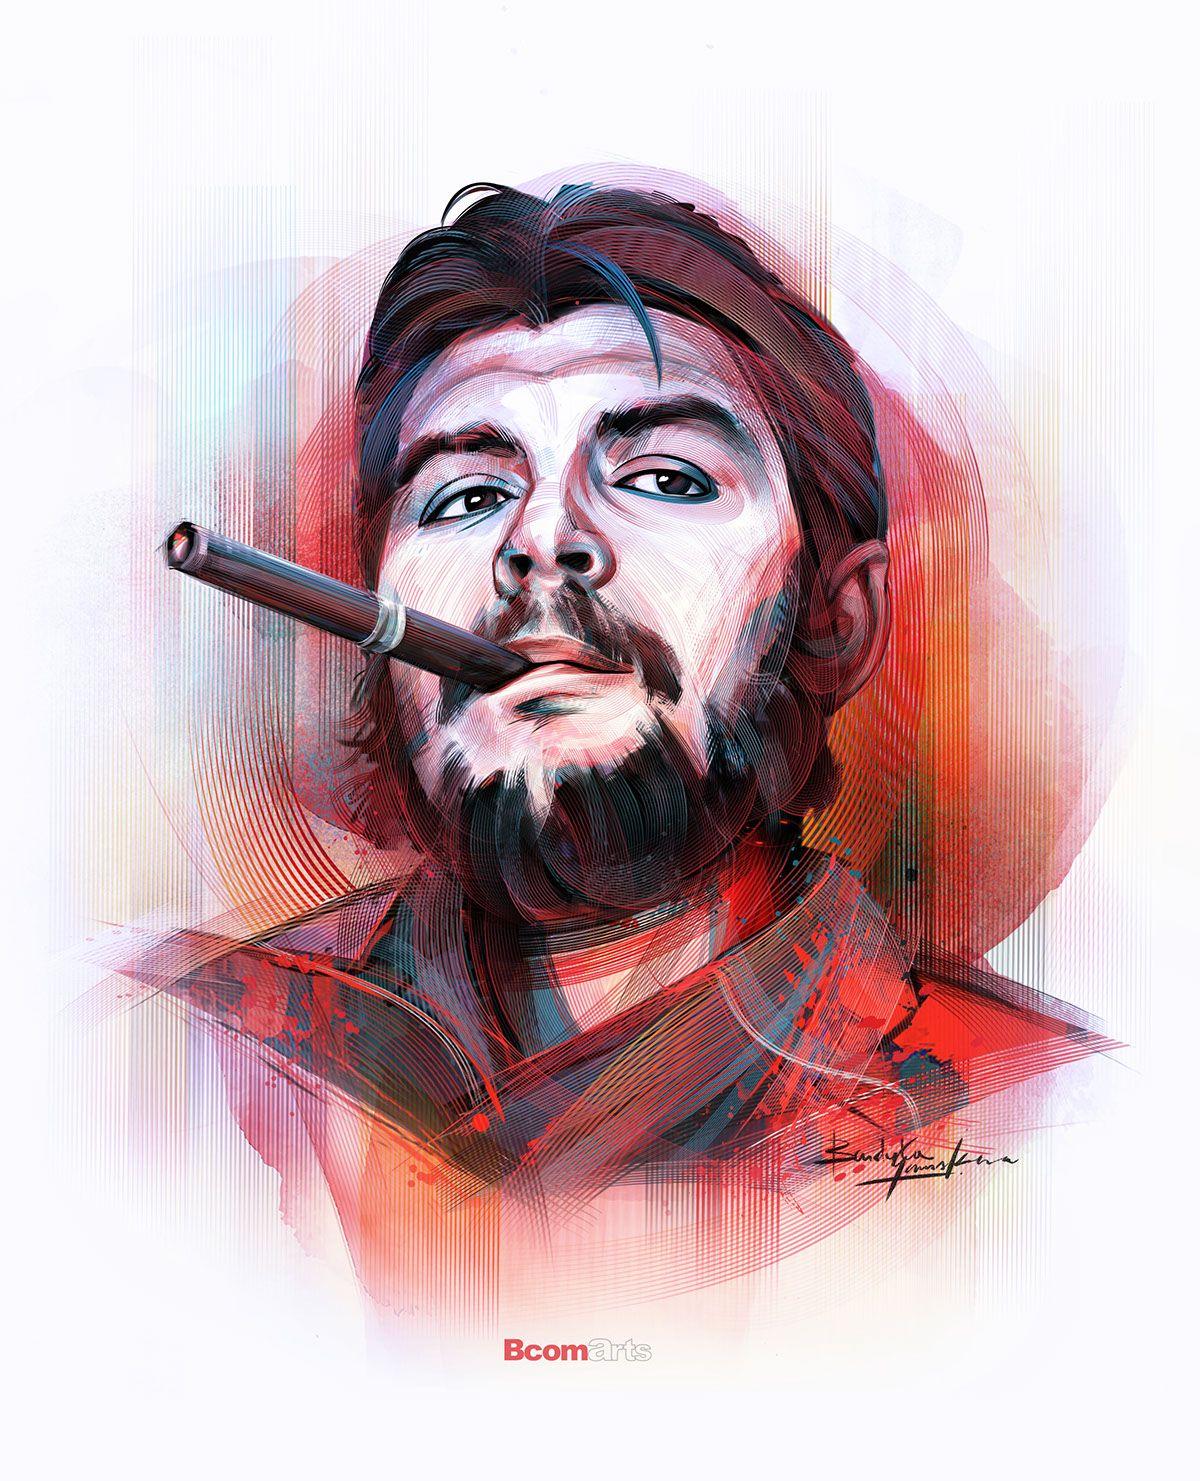 Che Guevara A Digital Revolution In Photoshop On Behance Che Guevara Art Che Guevara Images Che Quevara